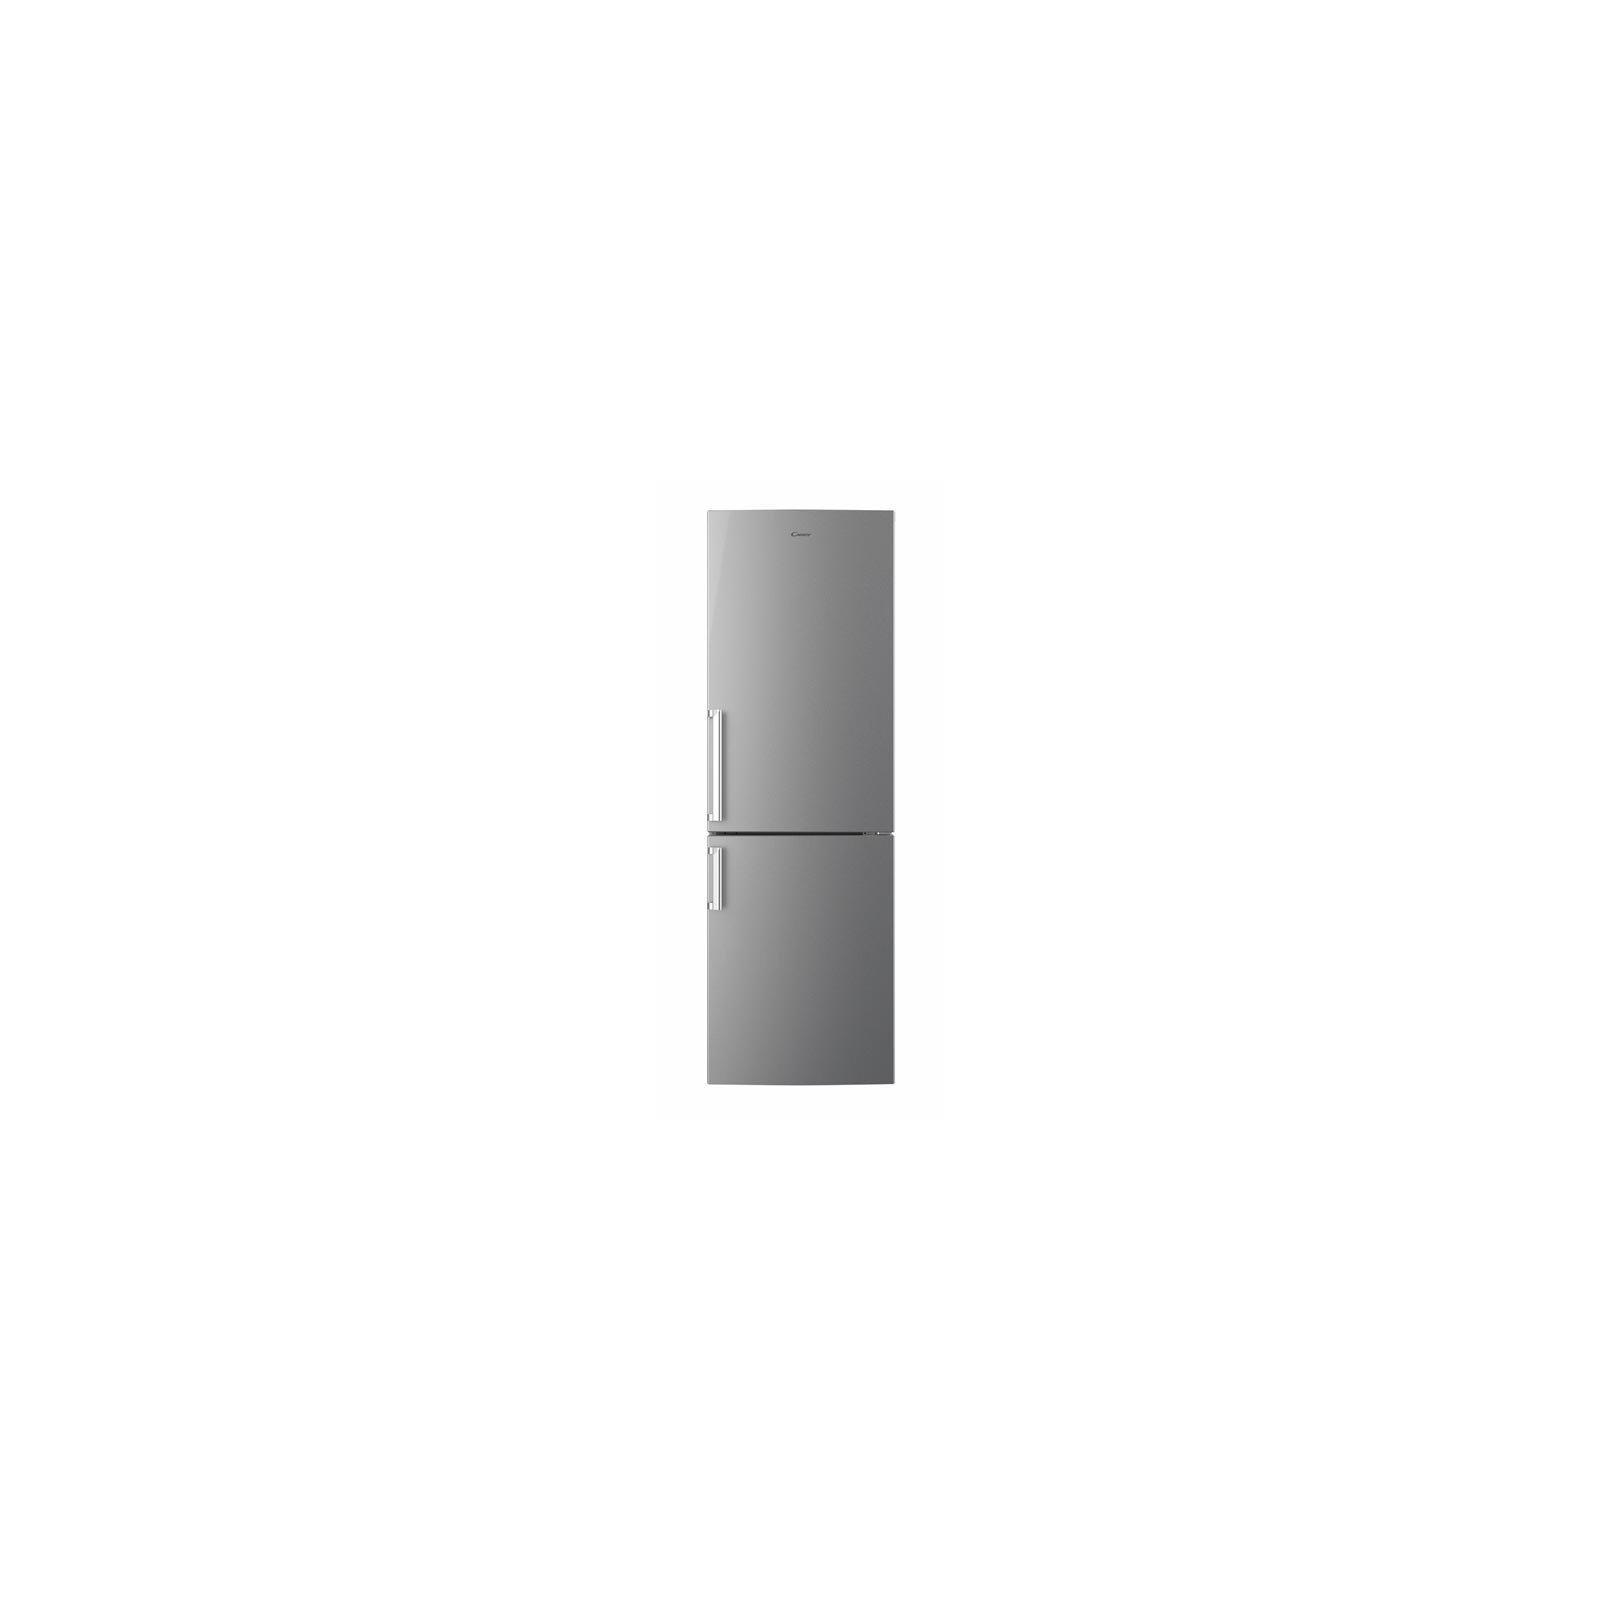 Холодильник CANDY CSSM6182XH